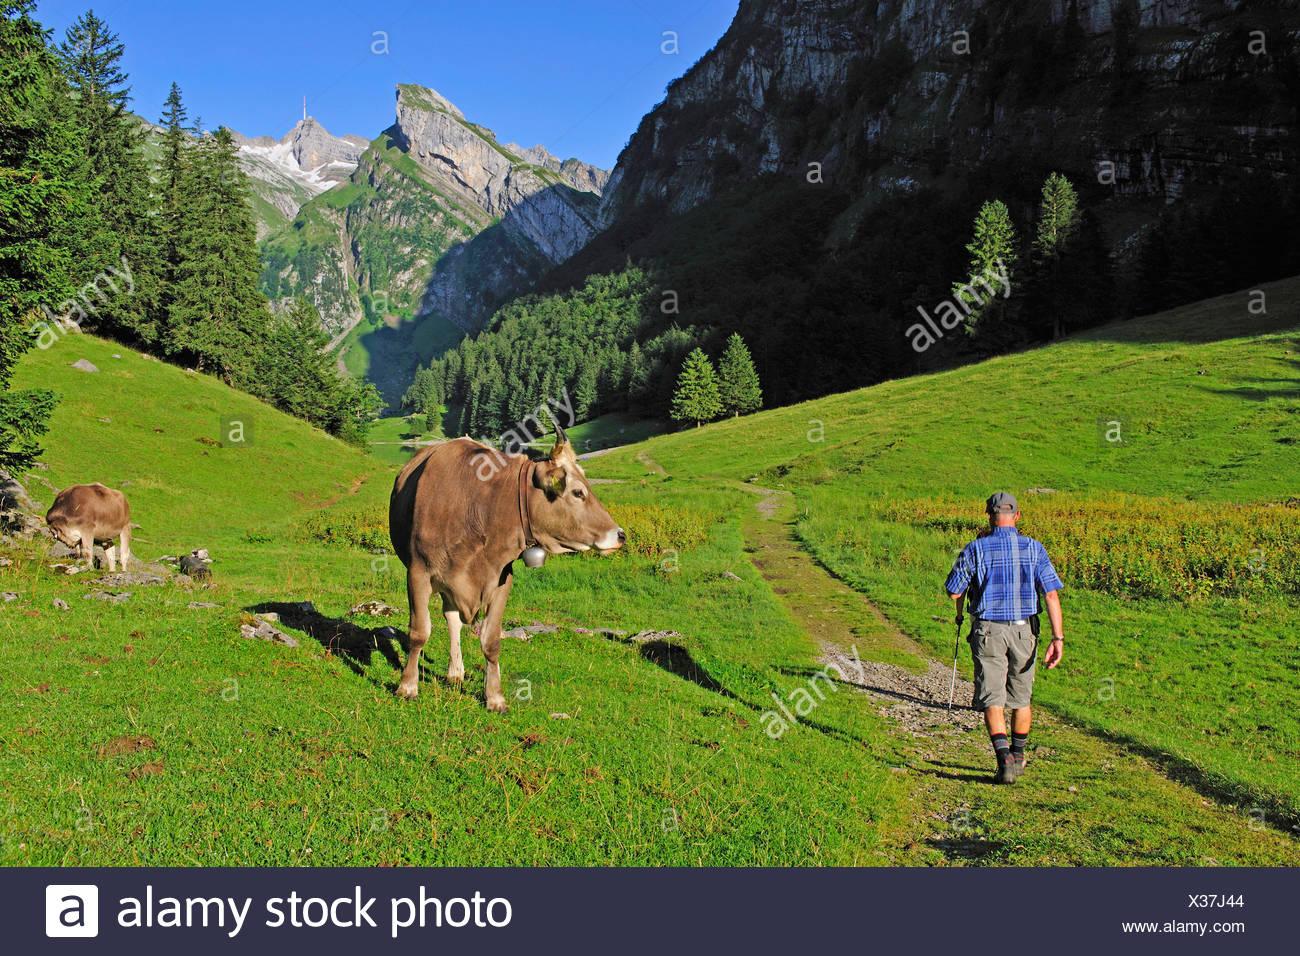 Hausrind (Bos Primigenius F. Taurus), Kuh, Blick auf ein Wanderer, der Schweiz, Appenzell, Alpsteingebirge Stockbild